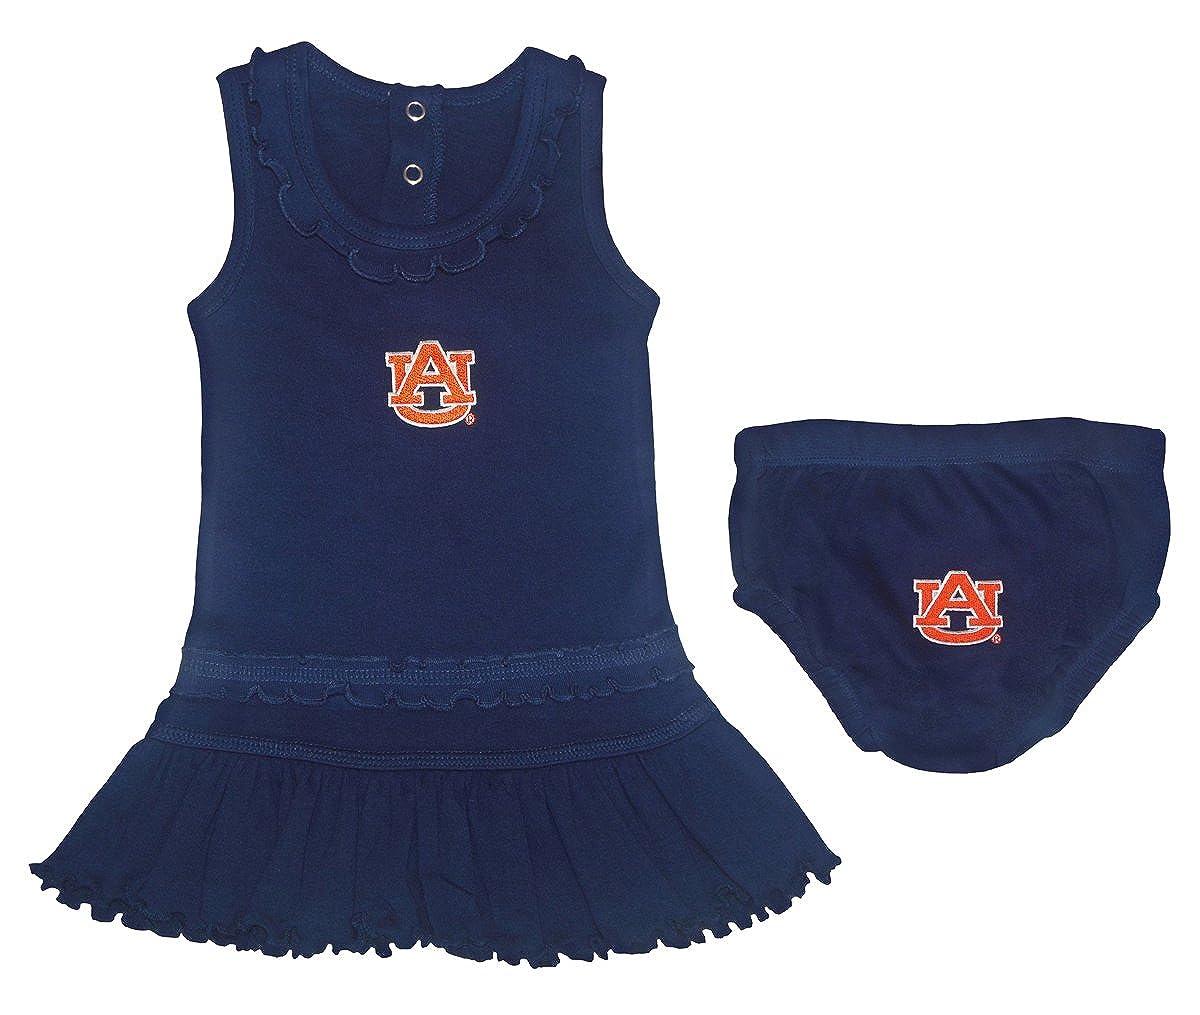 Creative Knitwear DRESS ベビーガールズ 24 Months ネイビー B01M3WF36L